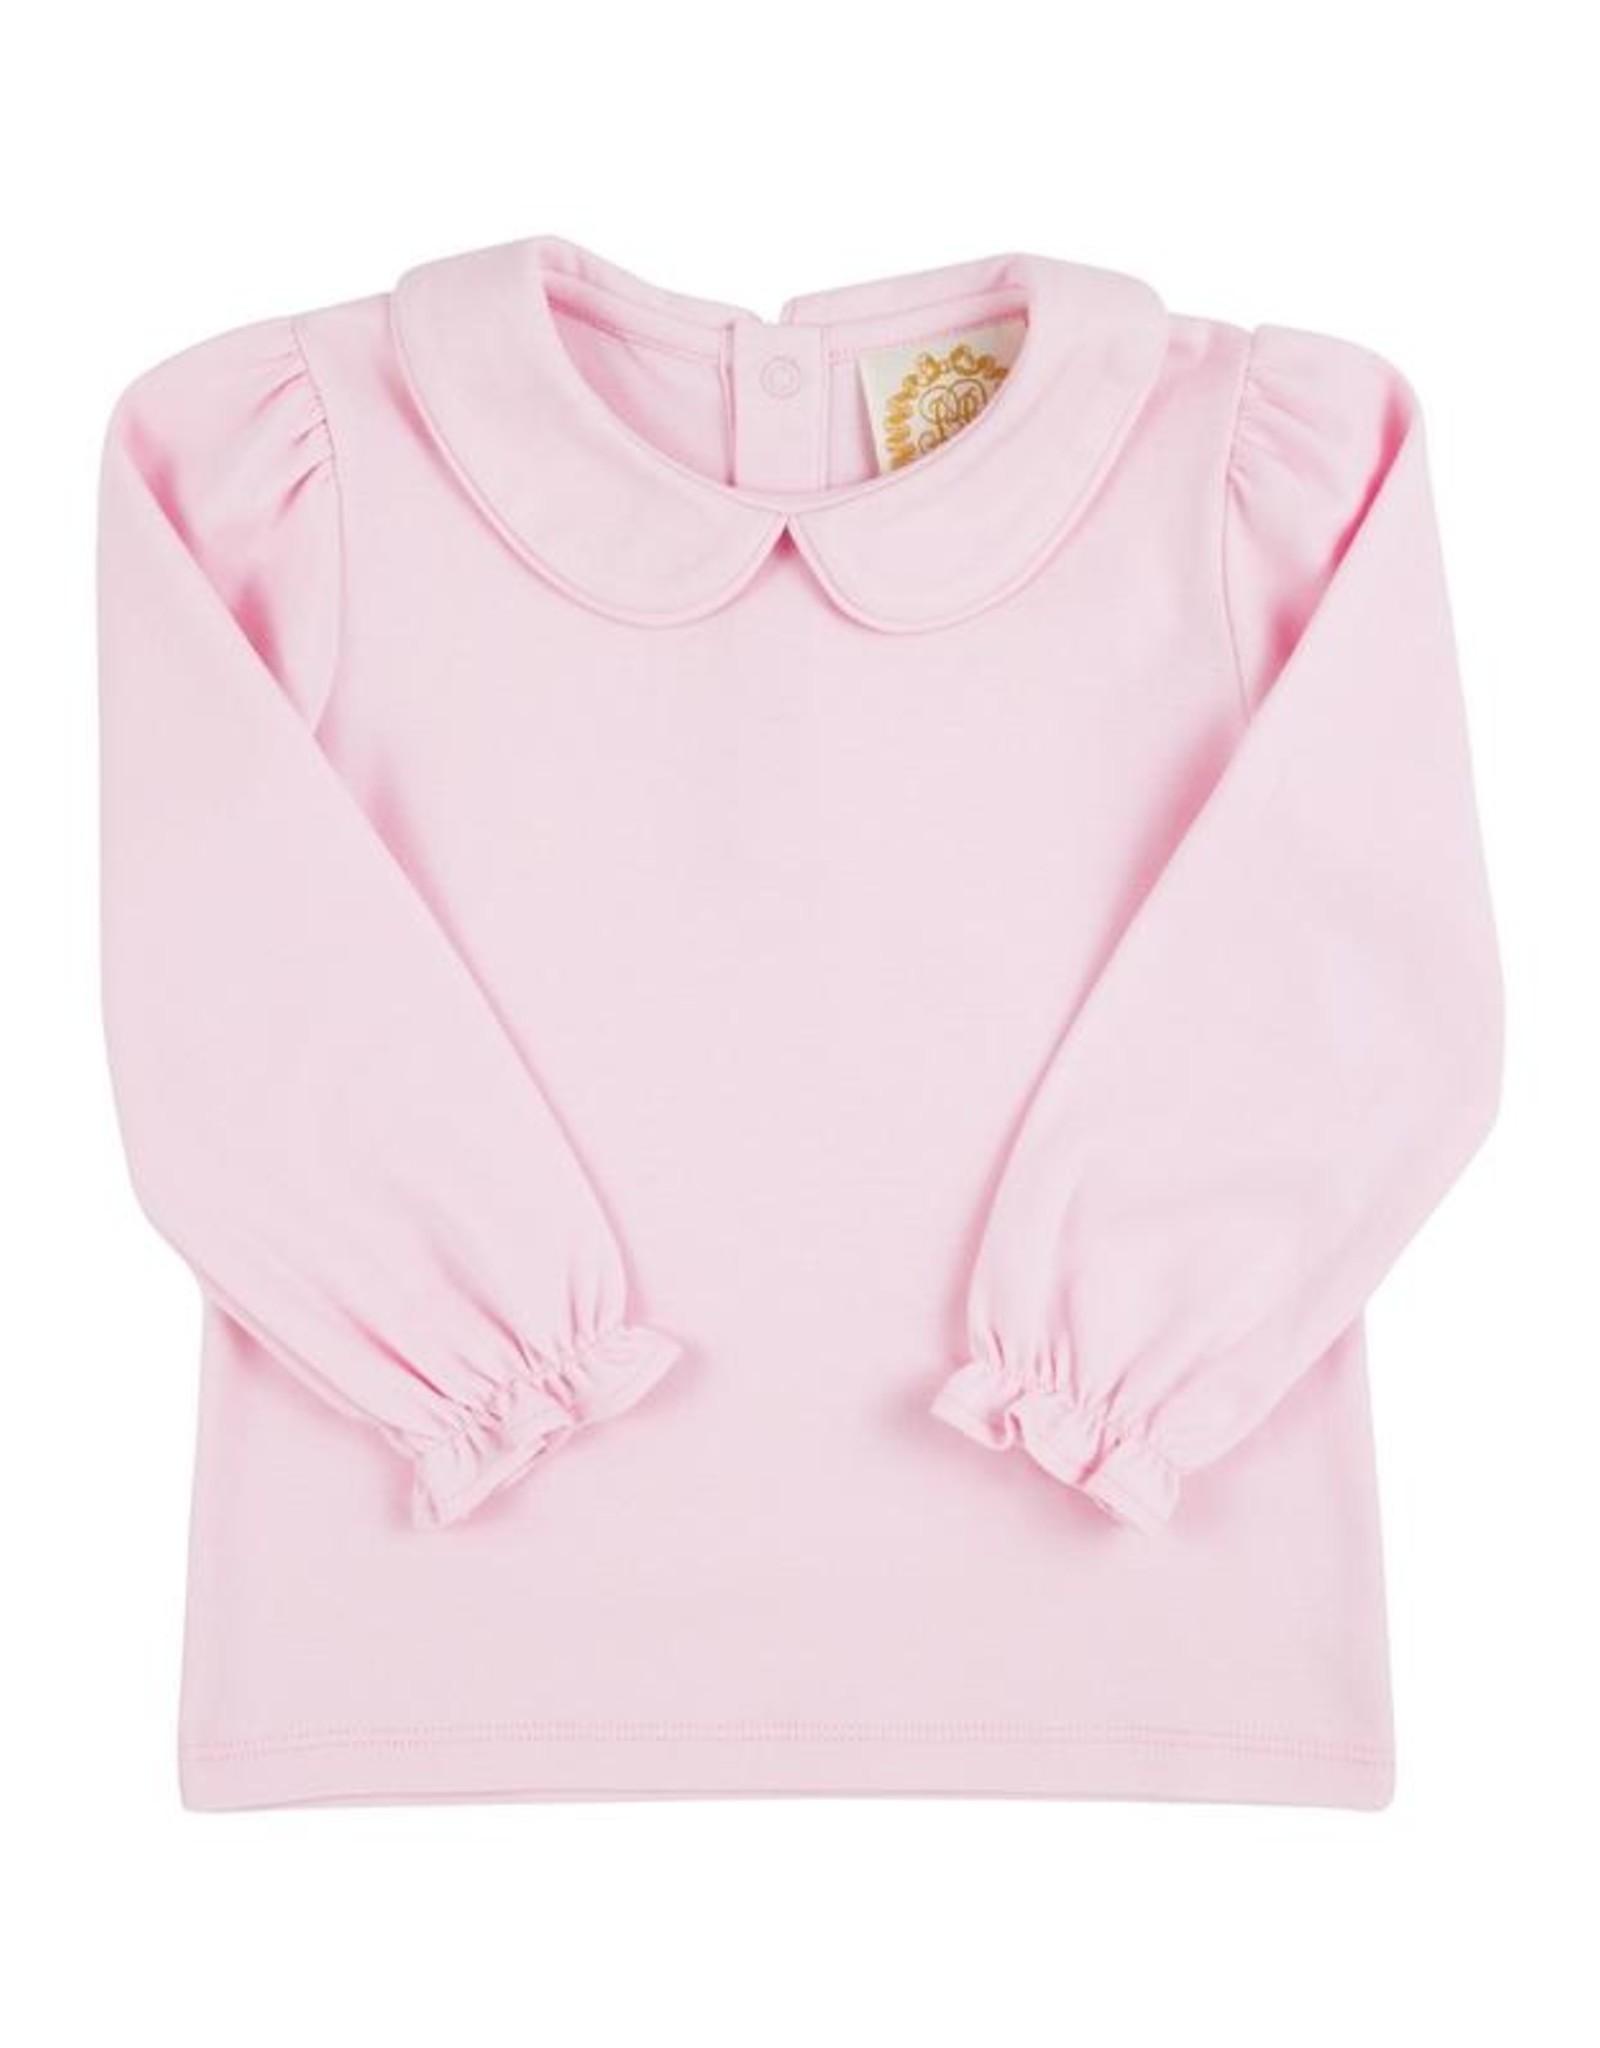 The Beaufort Bonnet Company Maude's Peter Pan Collar Shirt LS Pima, Palm Beach Pink